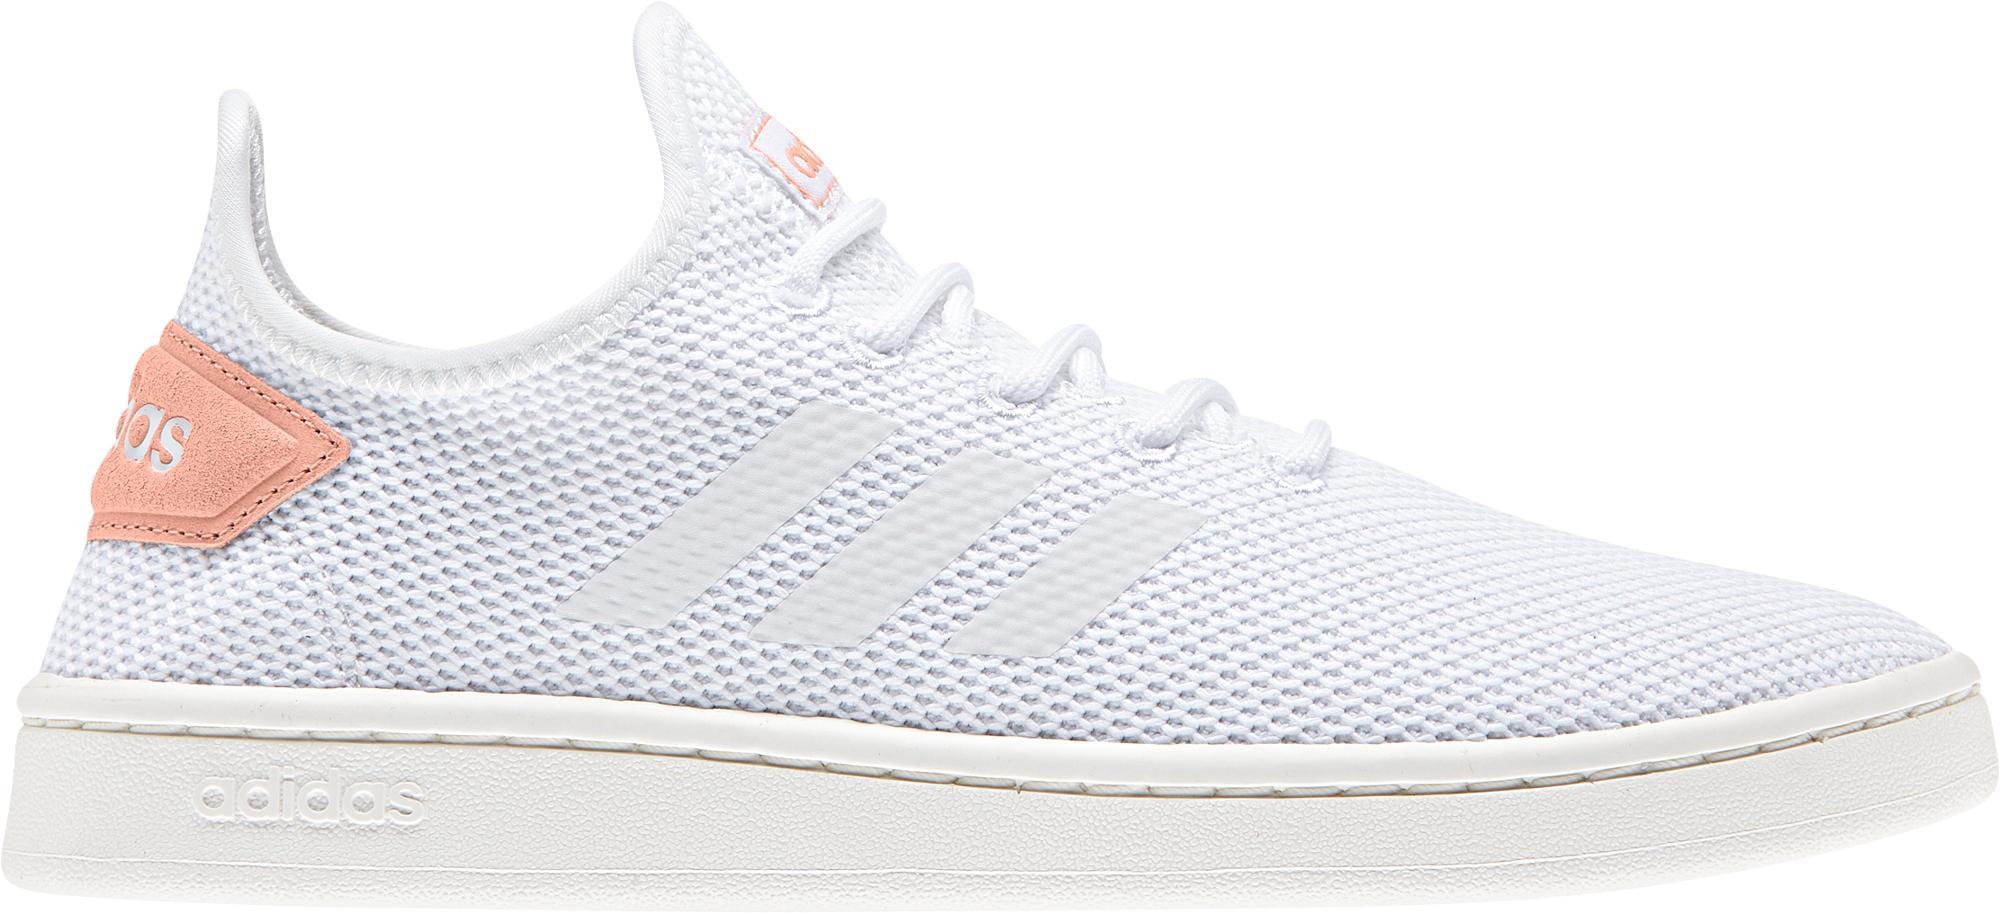 Adidas Court Adapt Adapt Adapt Turnschuhe Damen ftwr Weiß im Online Shop von SportScheck kaufen Gute Qualität beliebte Schuhe b10af2